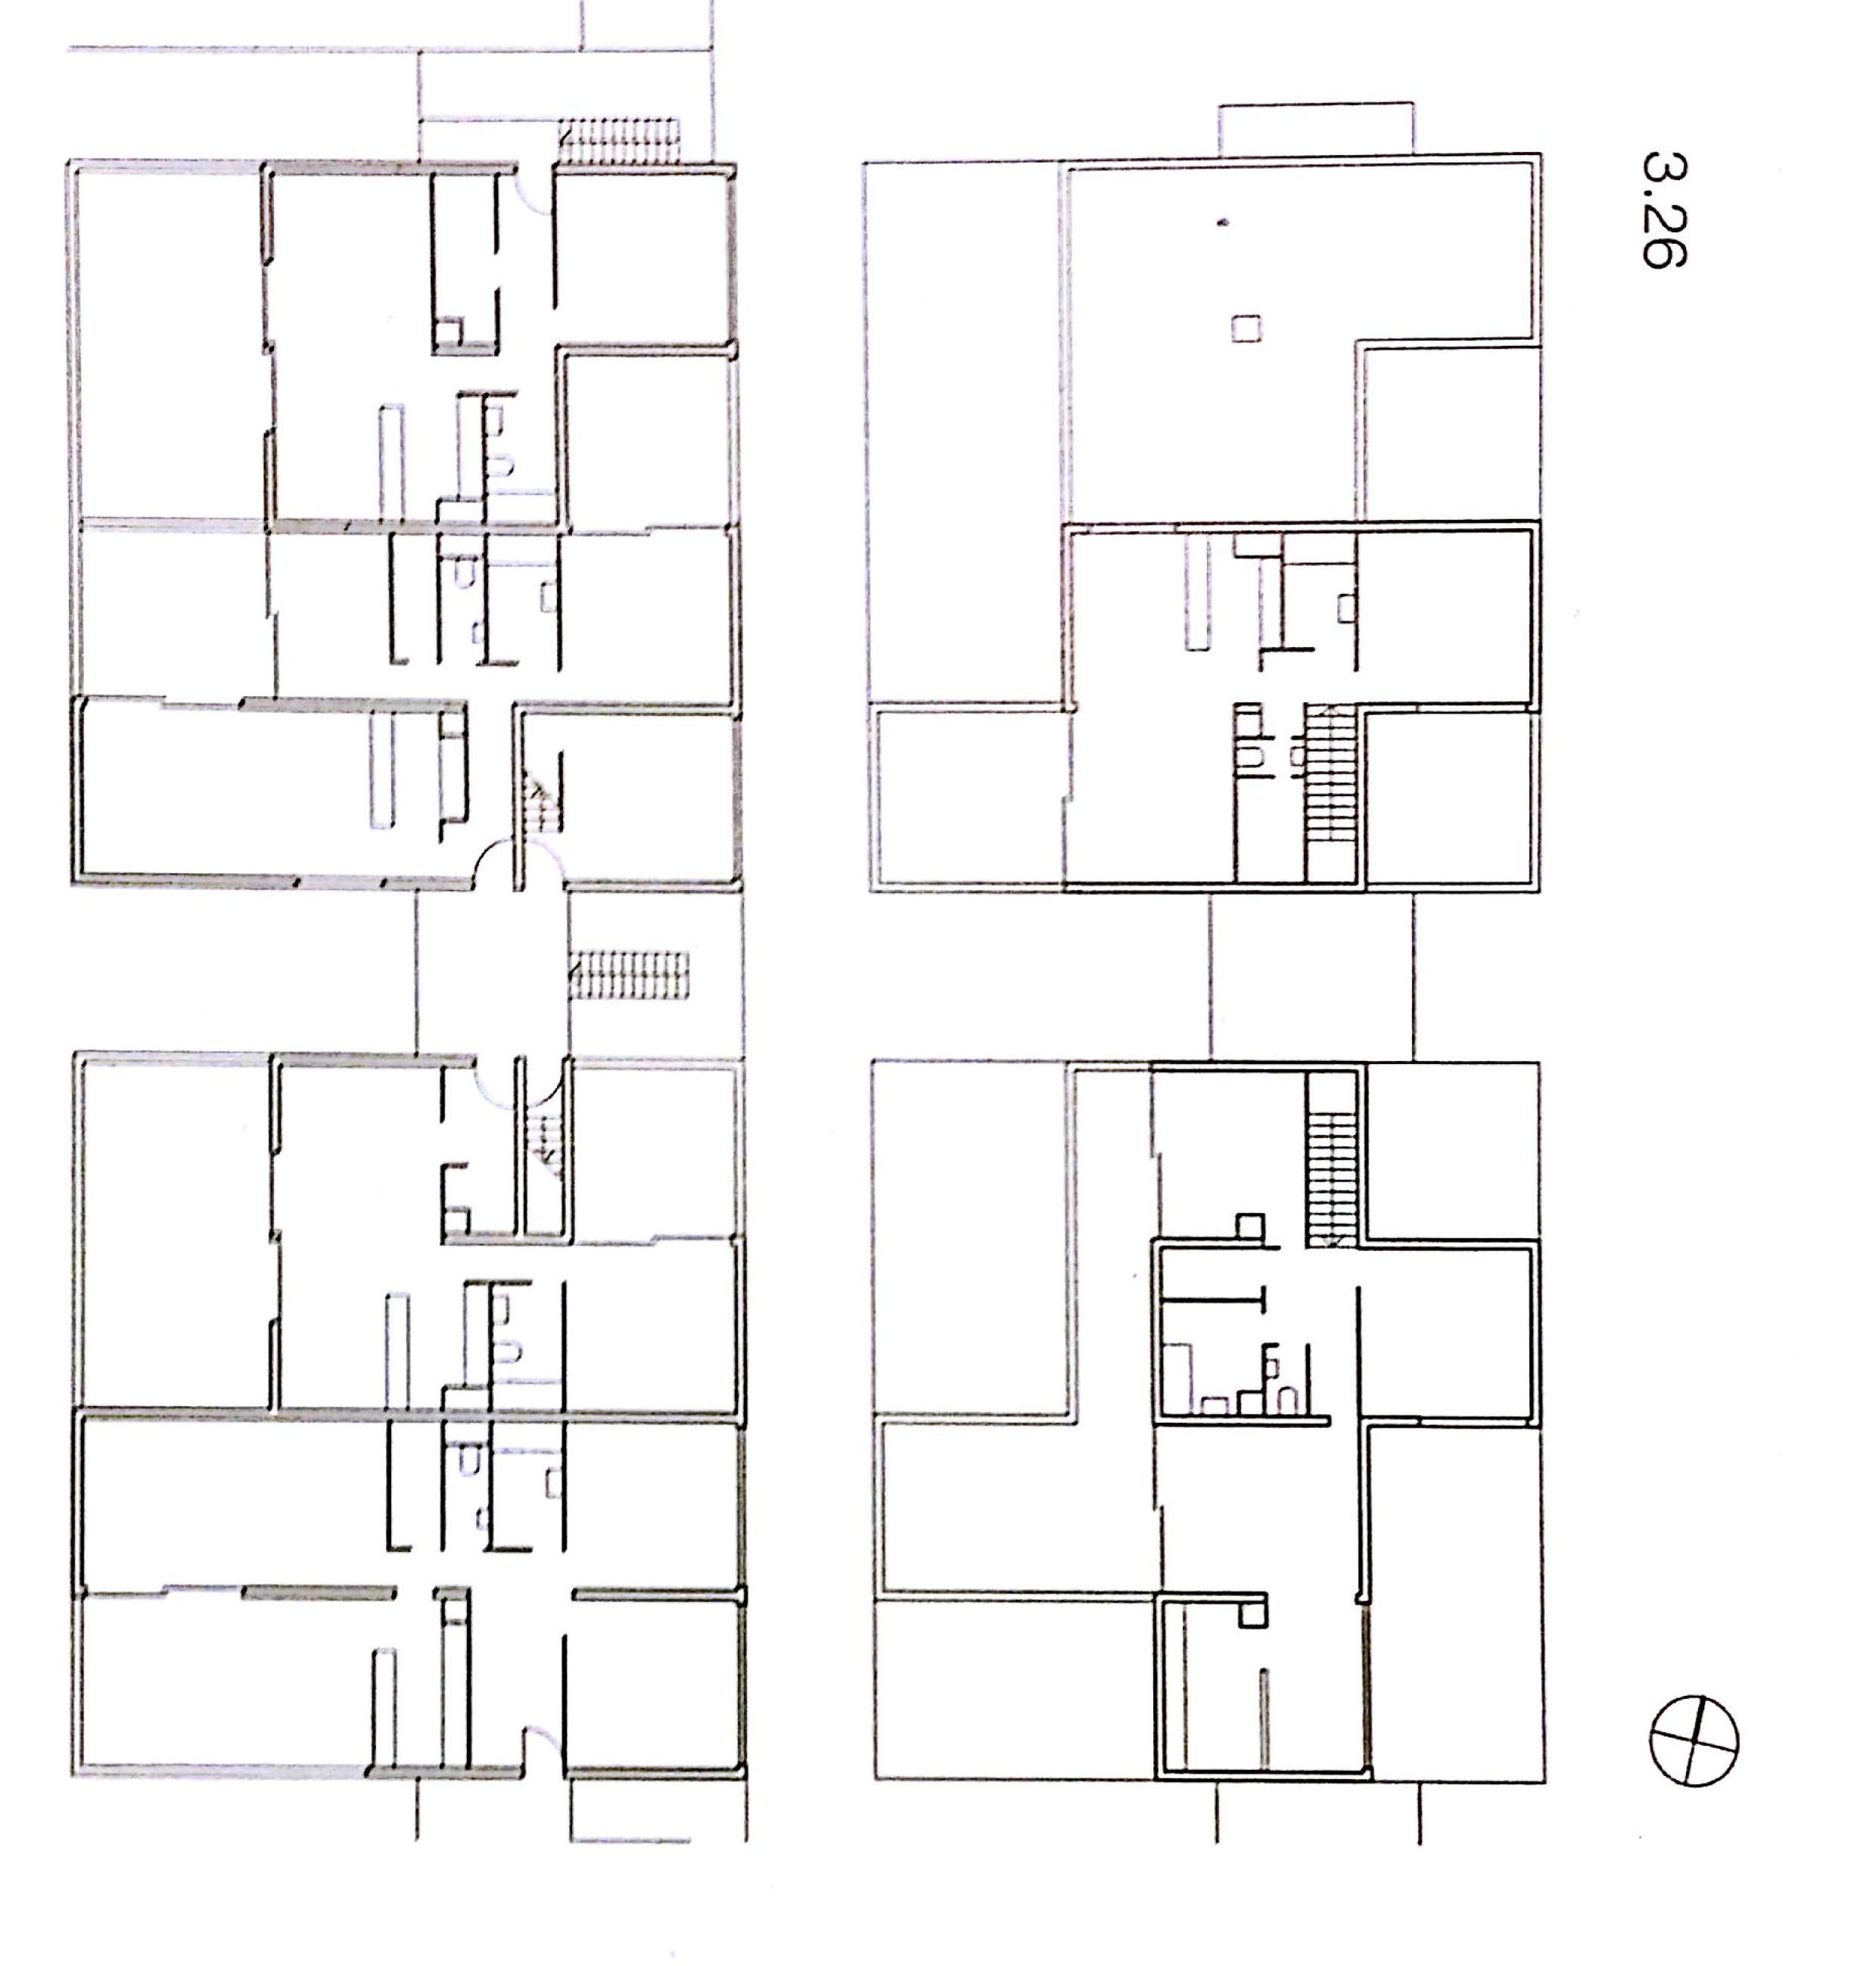 Housing Development In Merano Holzbox Tirol Innsbruck